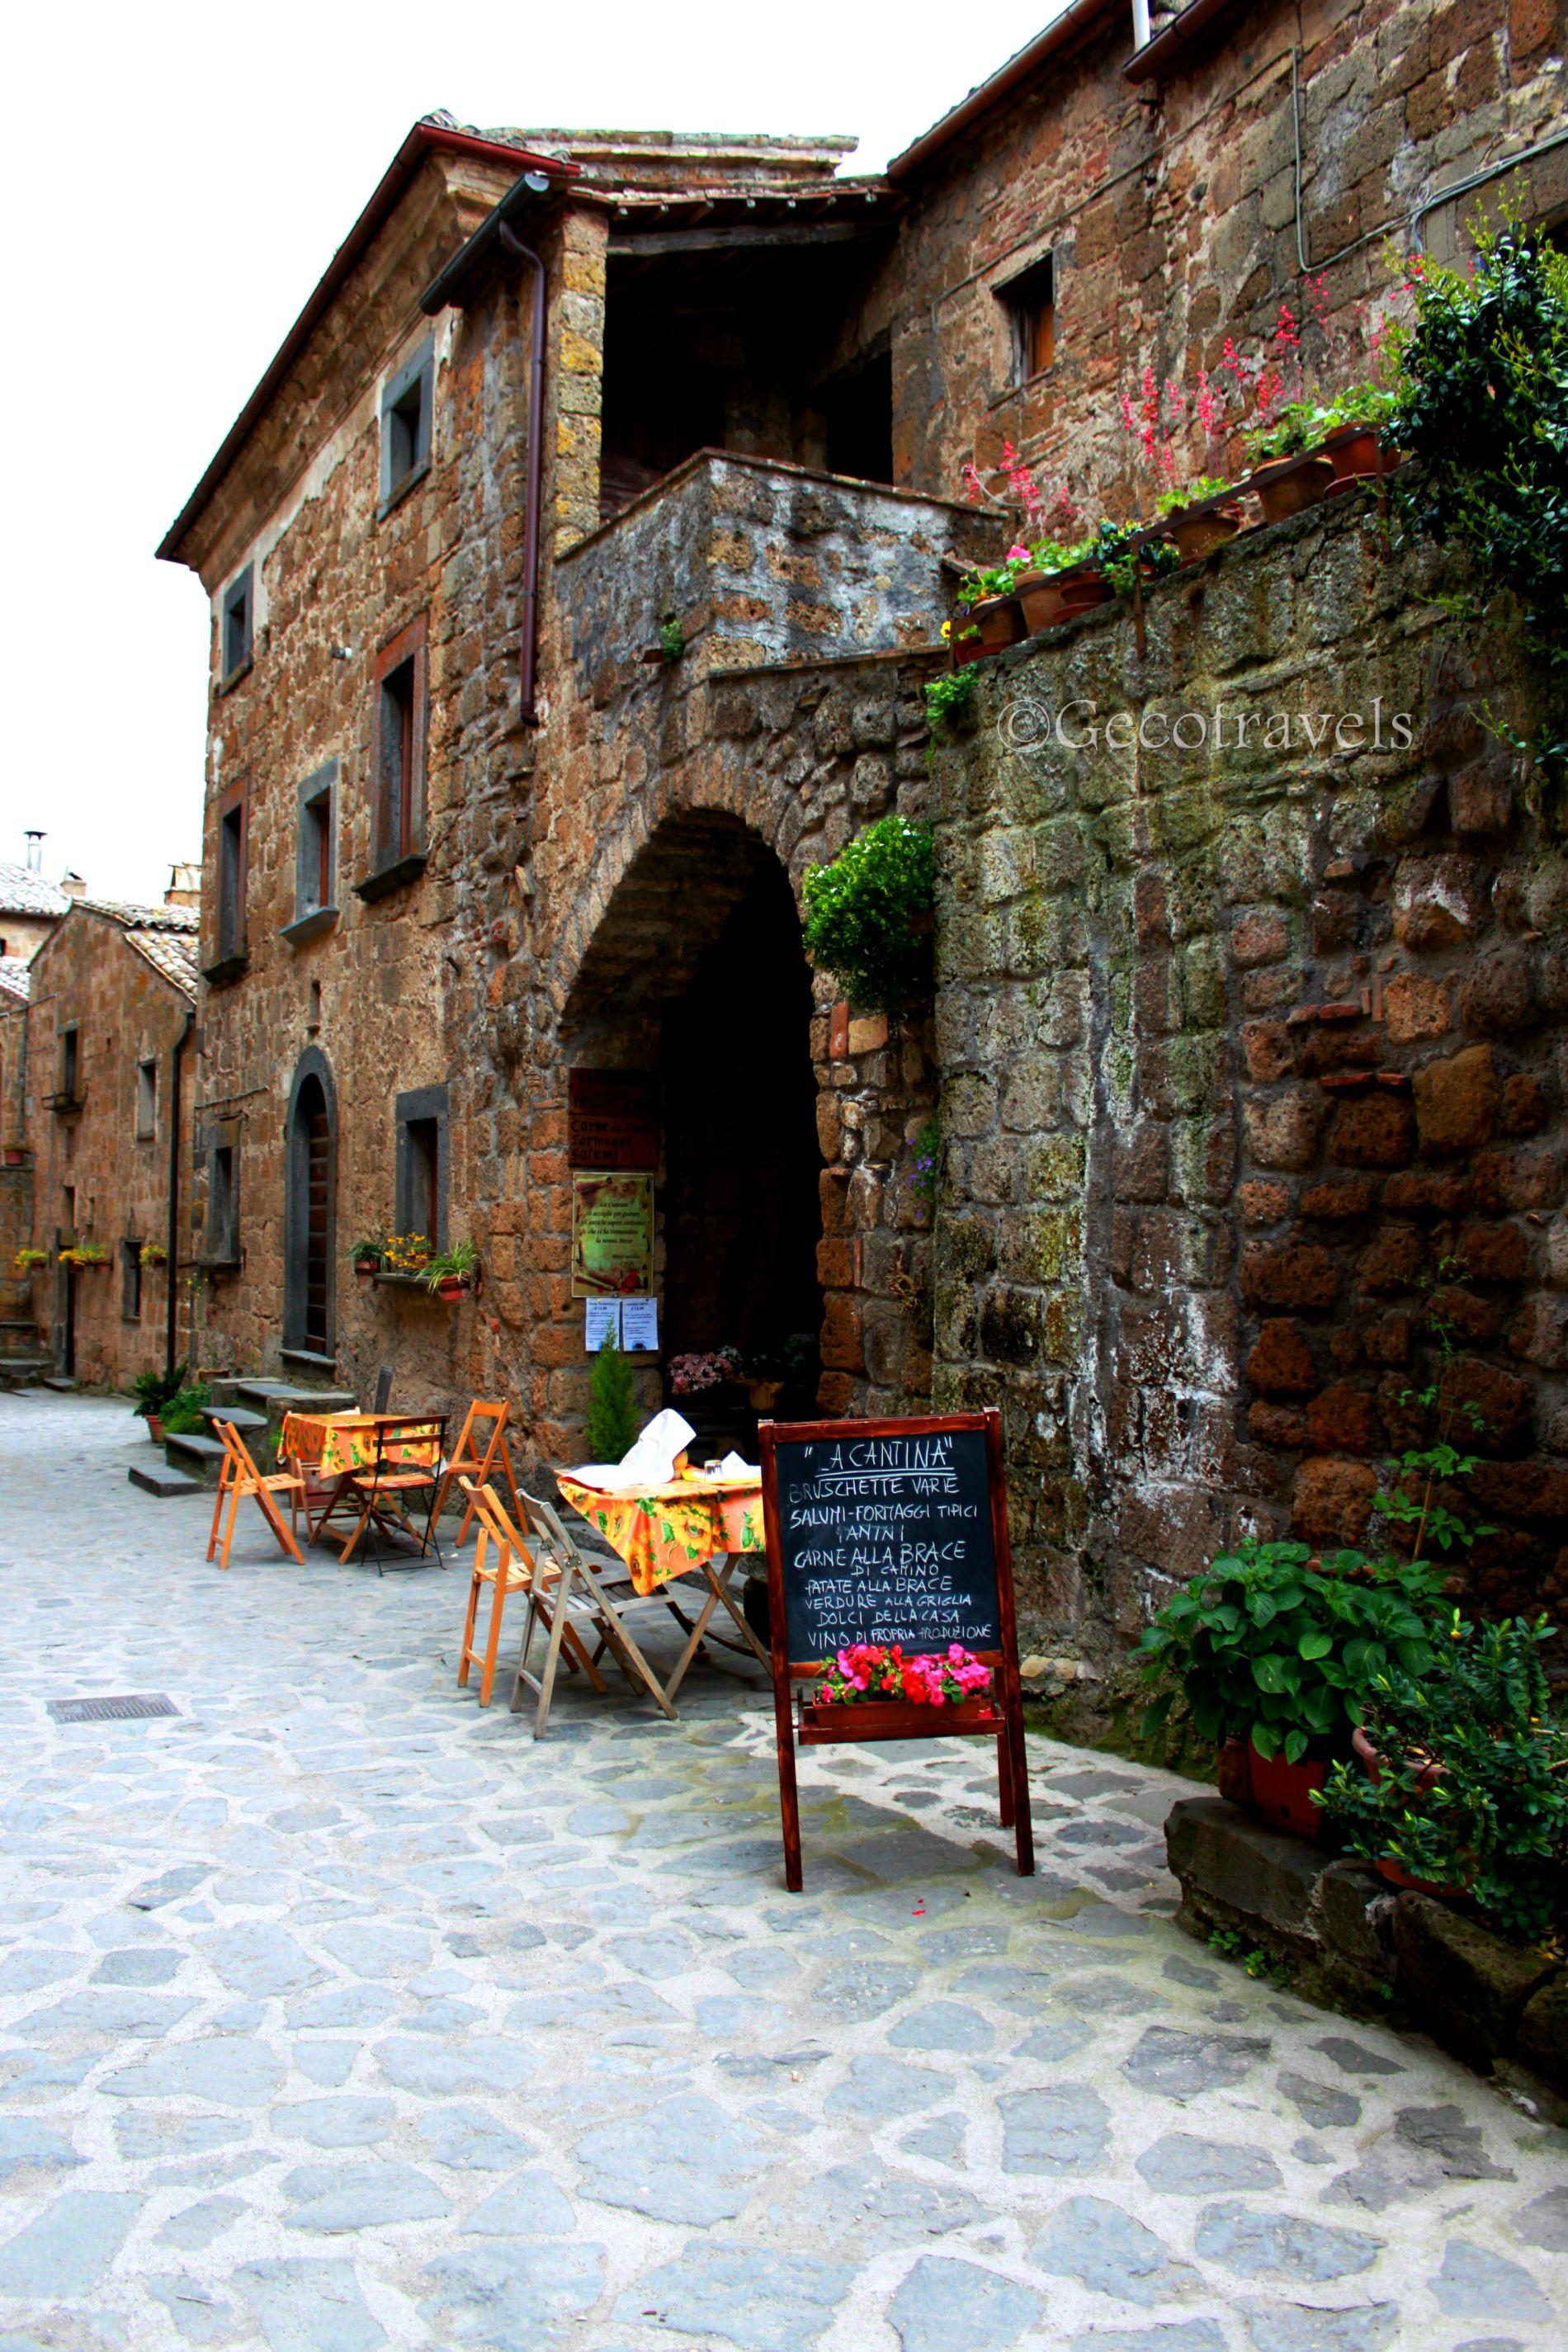 locande e taverne del borgo